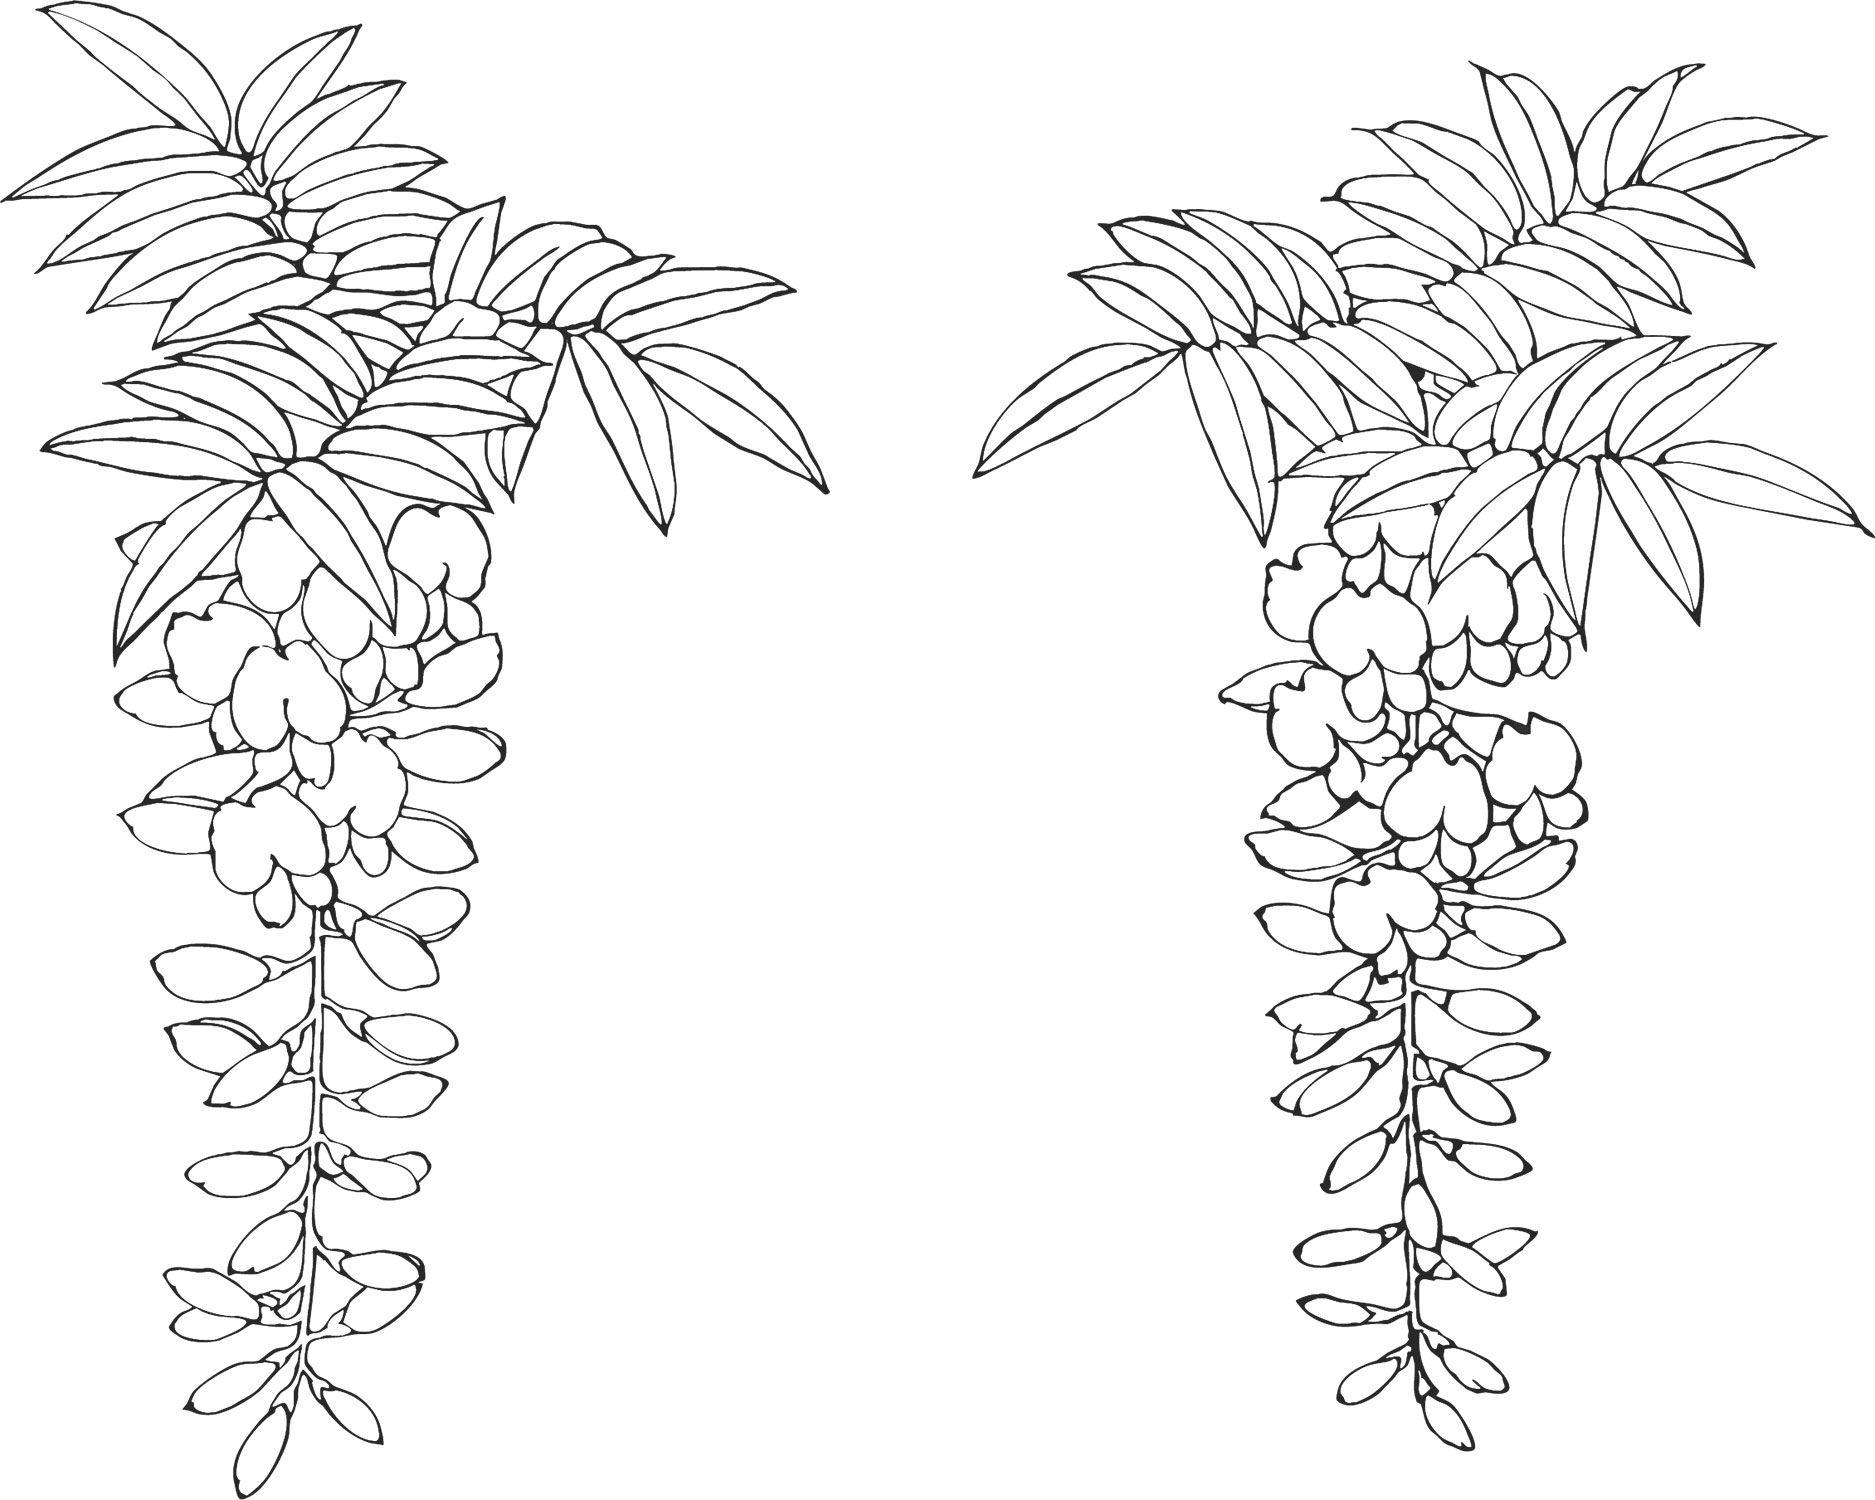 白黒の花のイラスト-白黒・藤 | dessin | Pinterest | Embroidery, Needlepoint and Japanese embroidery